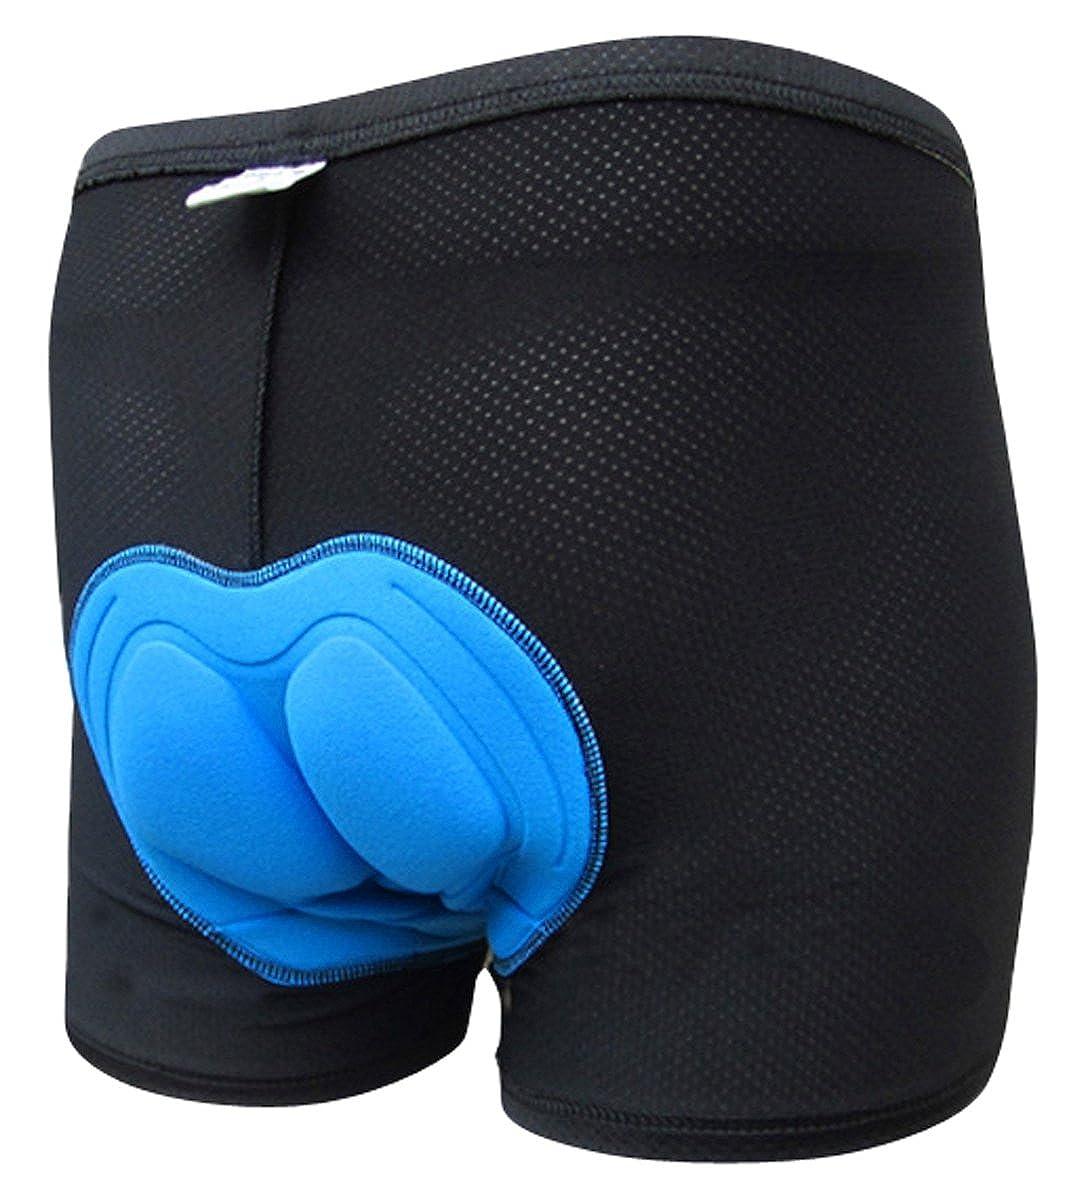 【逸品】 Aieoe ブルー UNDERWEAR メンズ メンズ Large ブルー Aieoe B07FSHKWP7, 粉河町:cca31b15 --- martinemoeykens-com.access.secure-ssl-servers.info